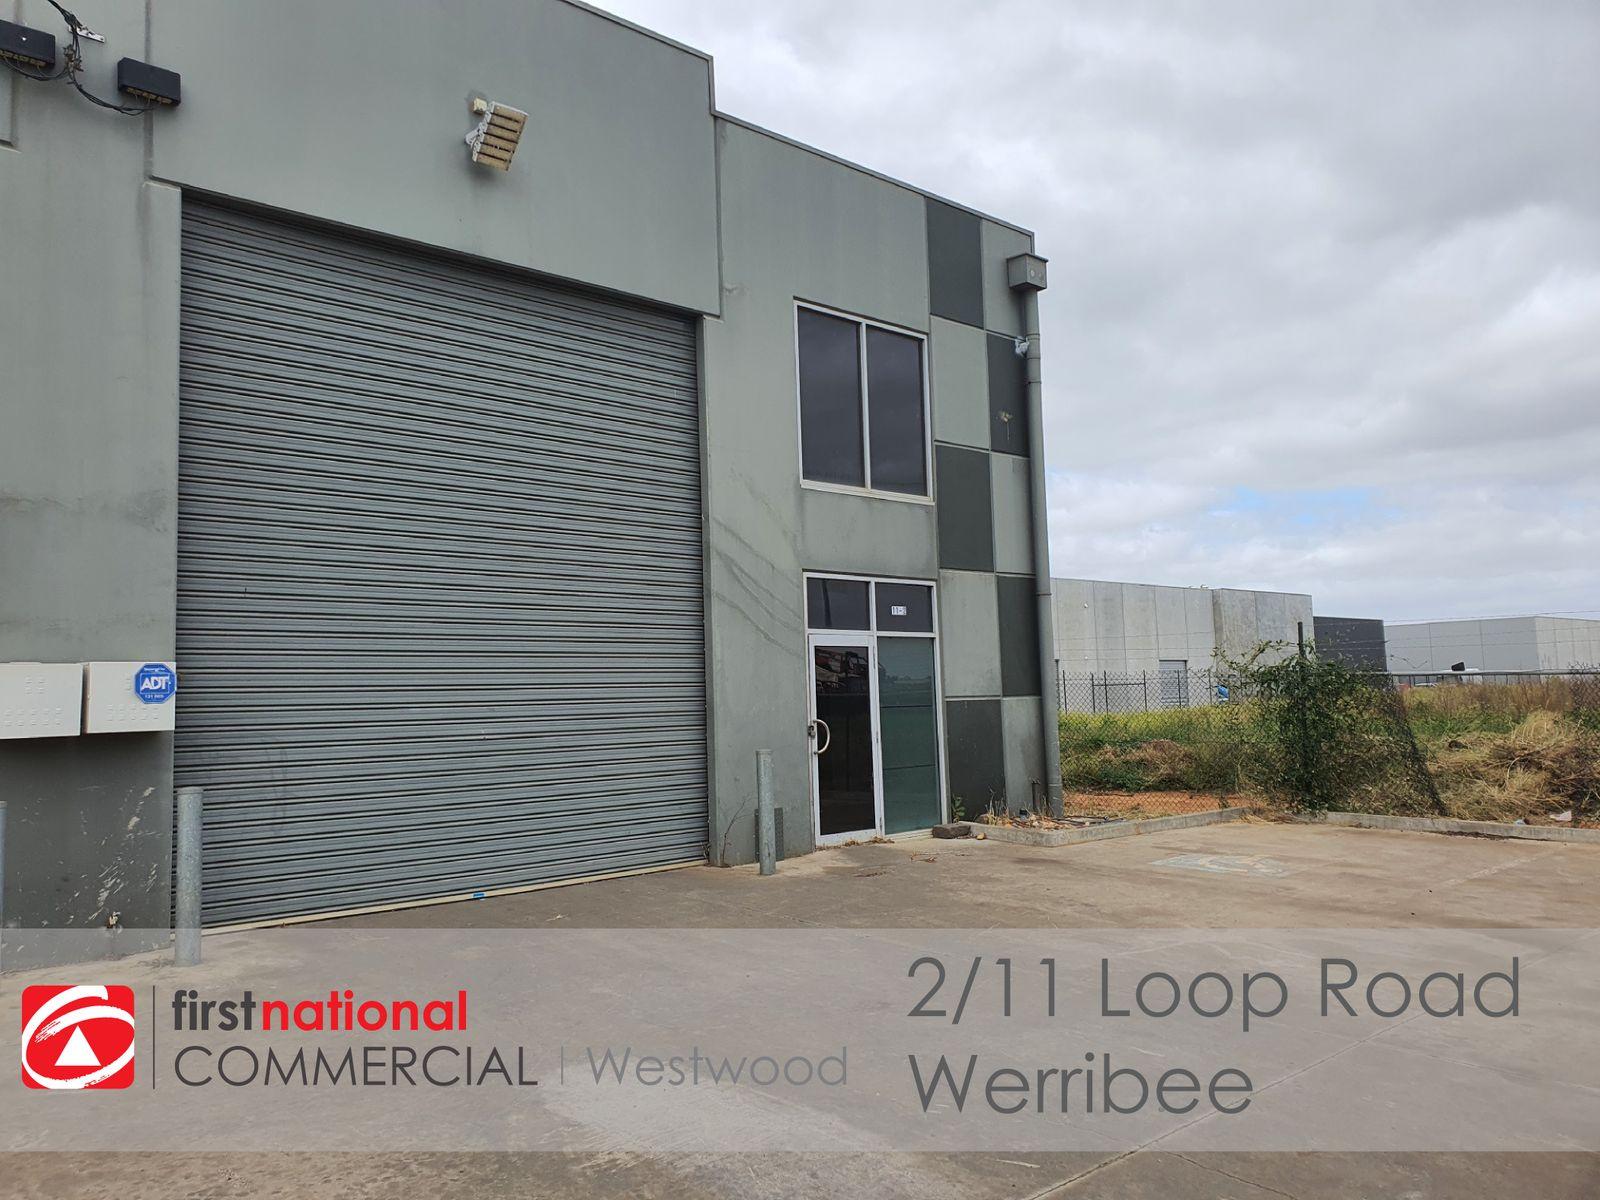 2/11 Loop Road, Werribee, VIC 3030